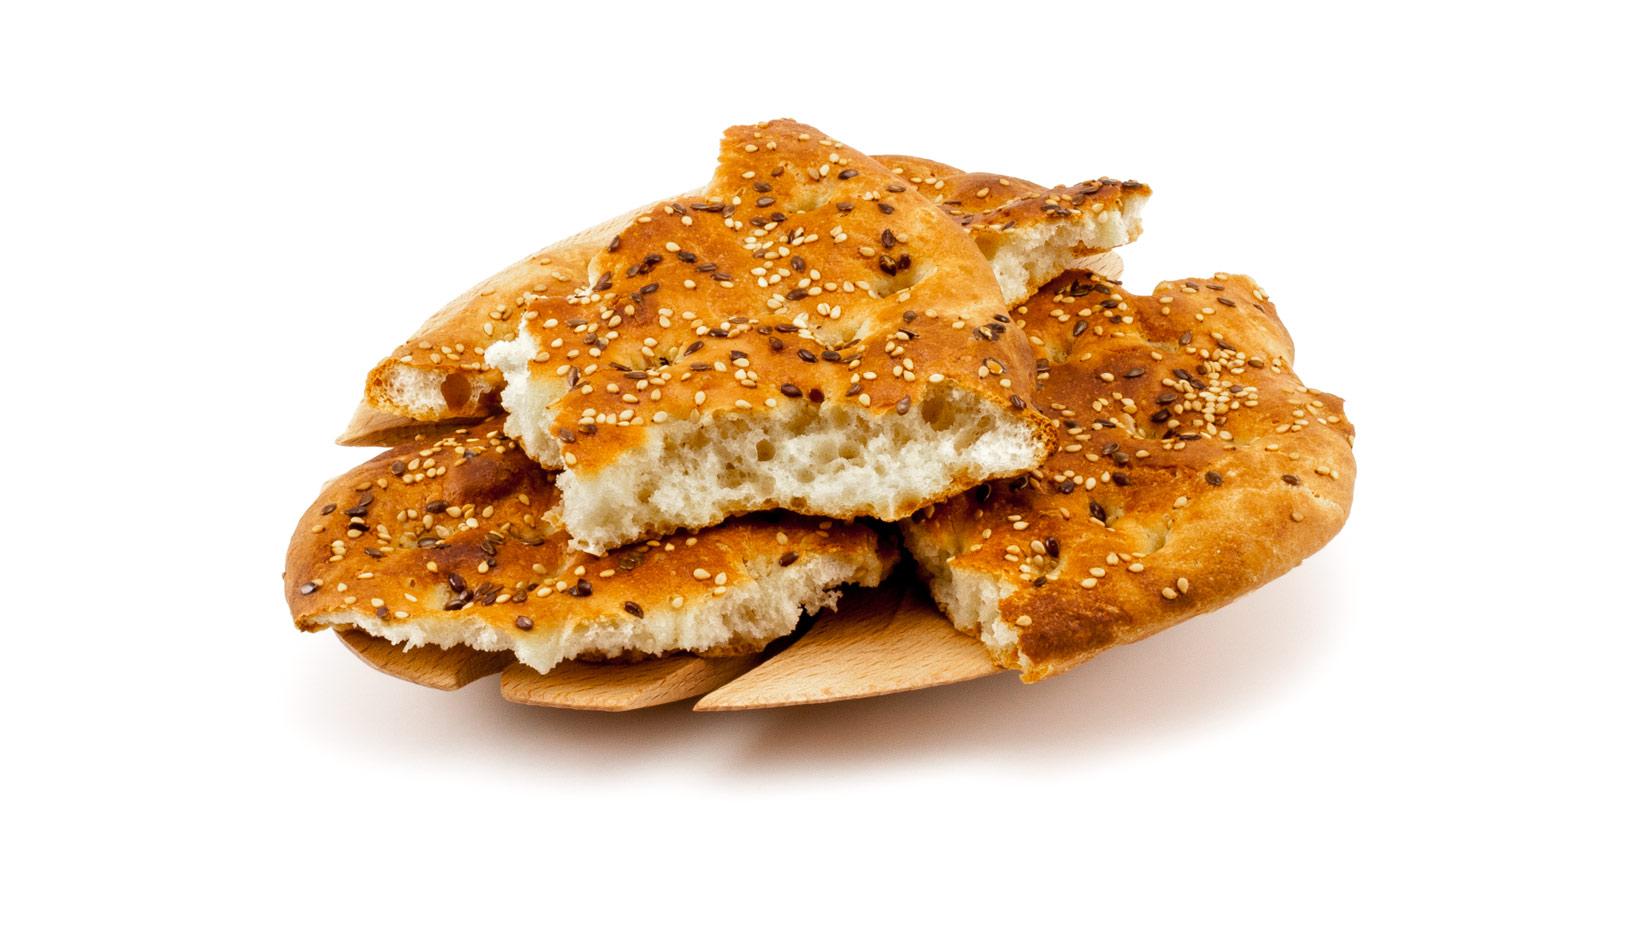 Chléb je díky dobře vykynutému kvásku pěkně vzdušný a nadýchaný